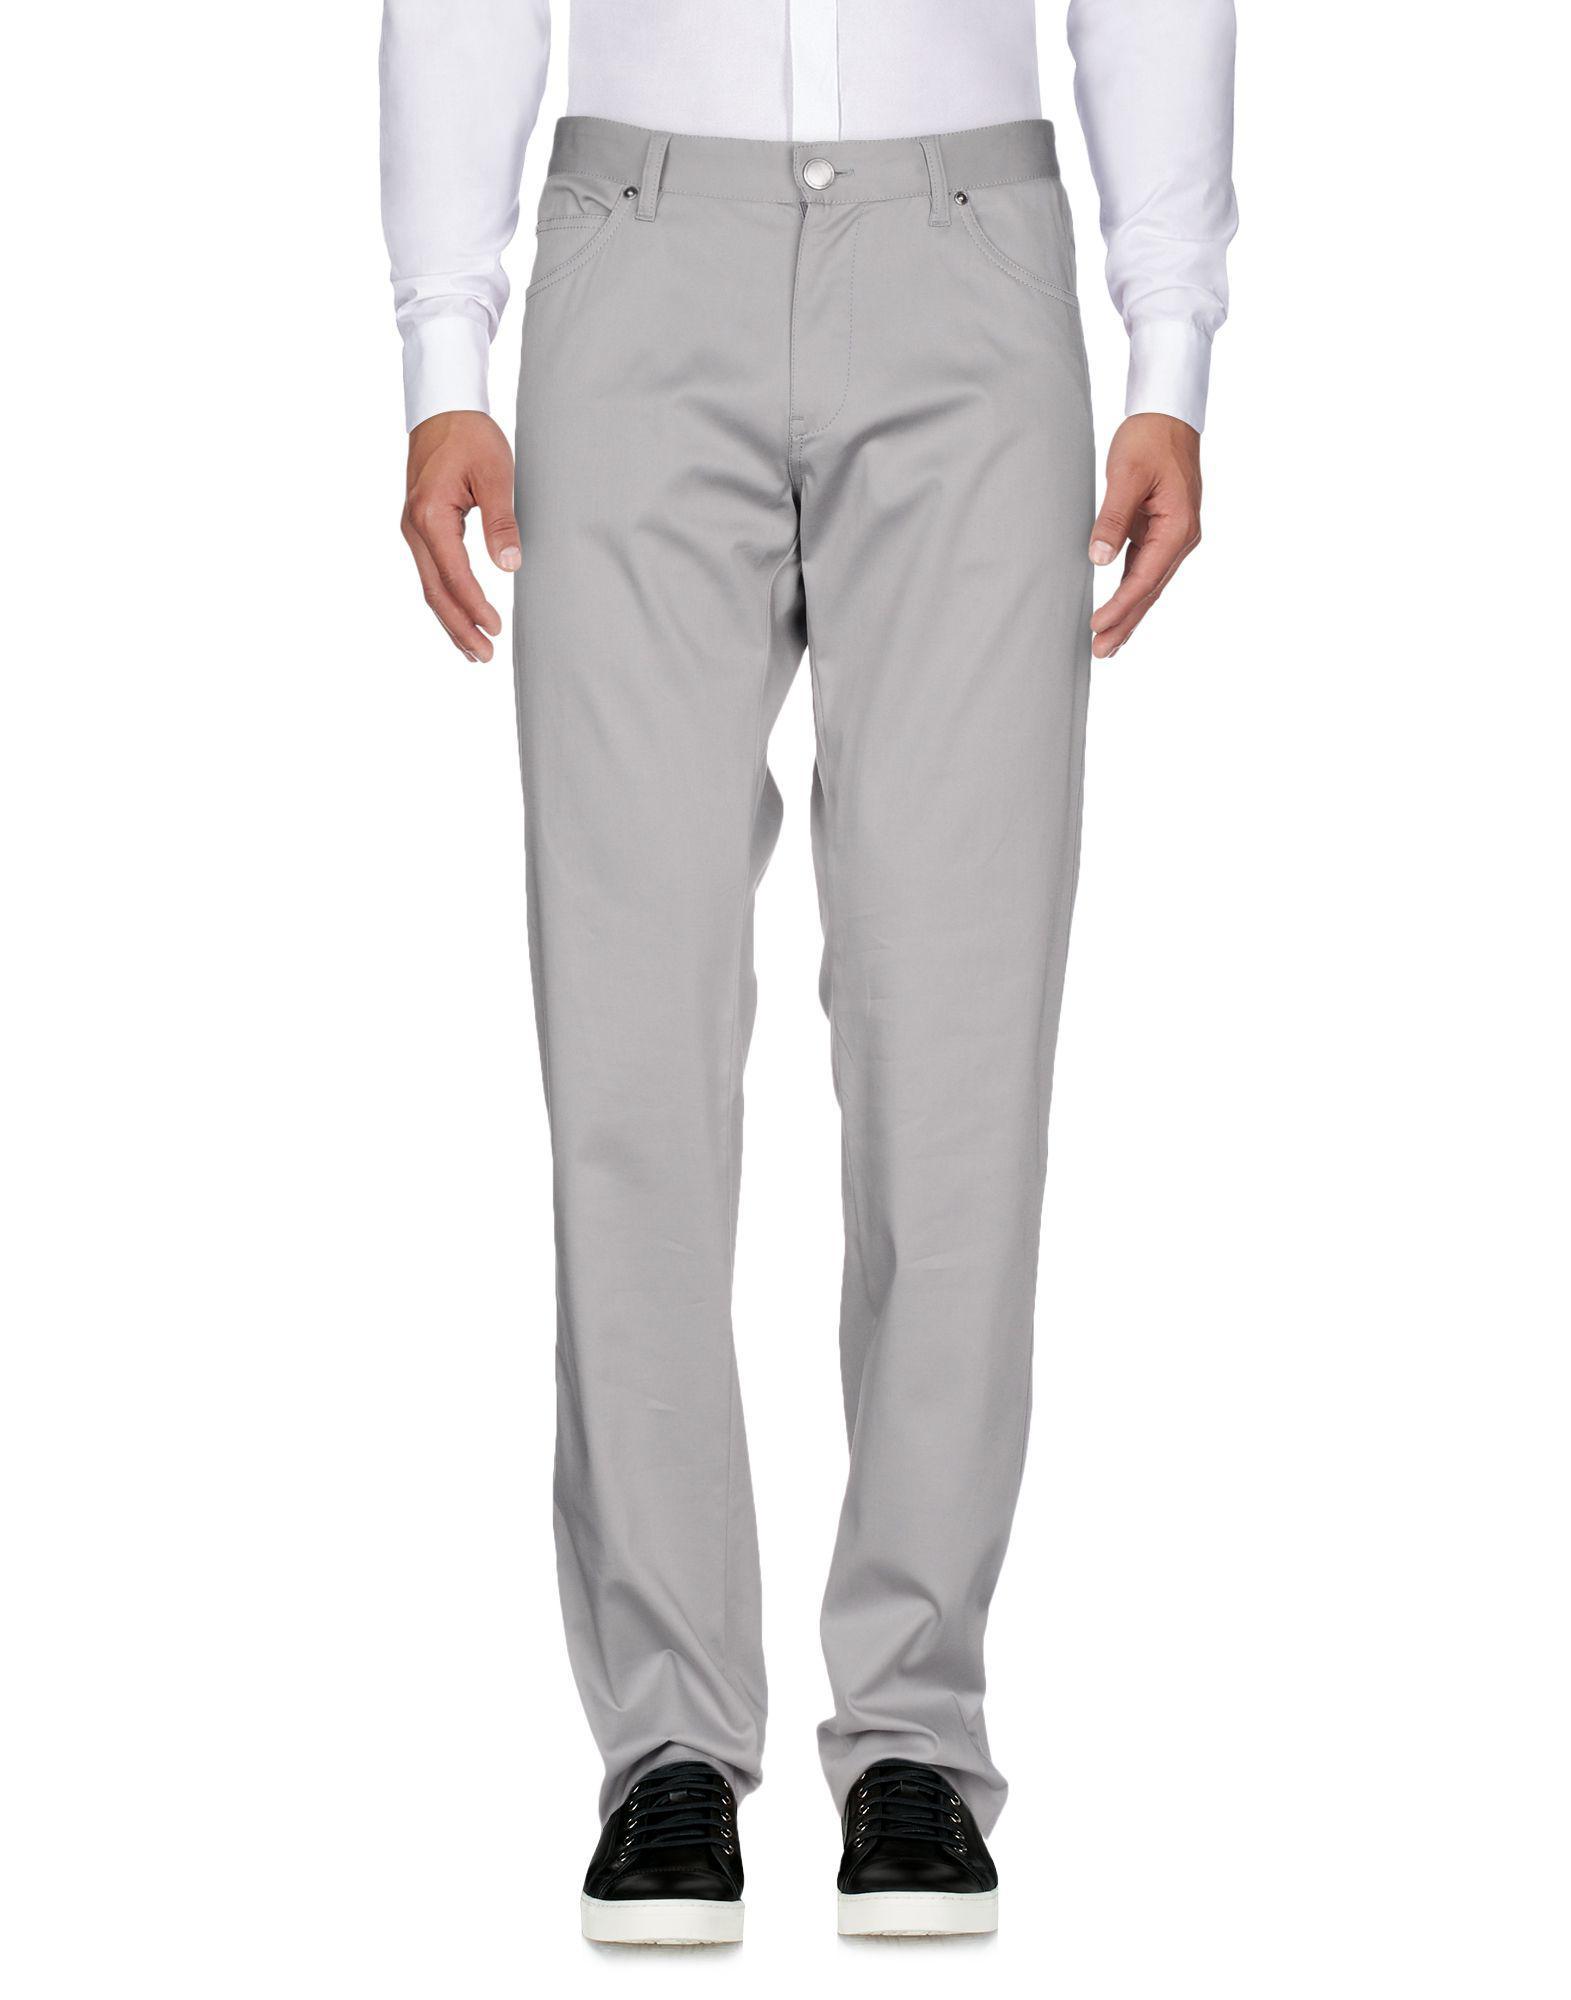 Lyst - Pantalon Versace pour homme en coloris Gris e26ce0f602b